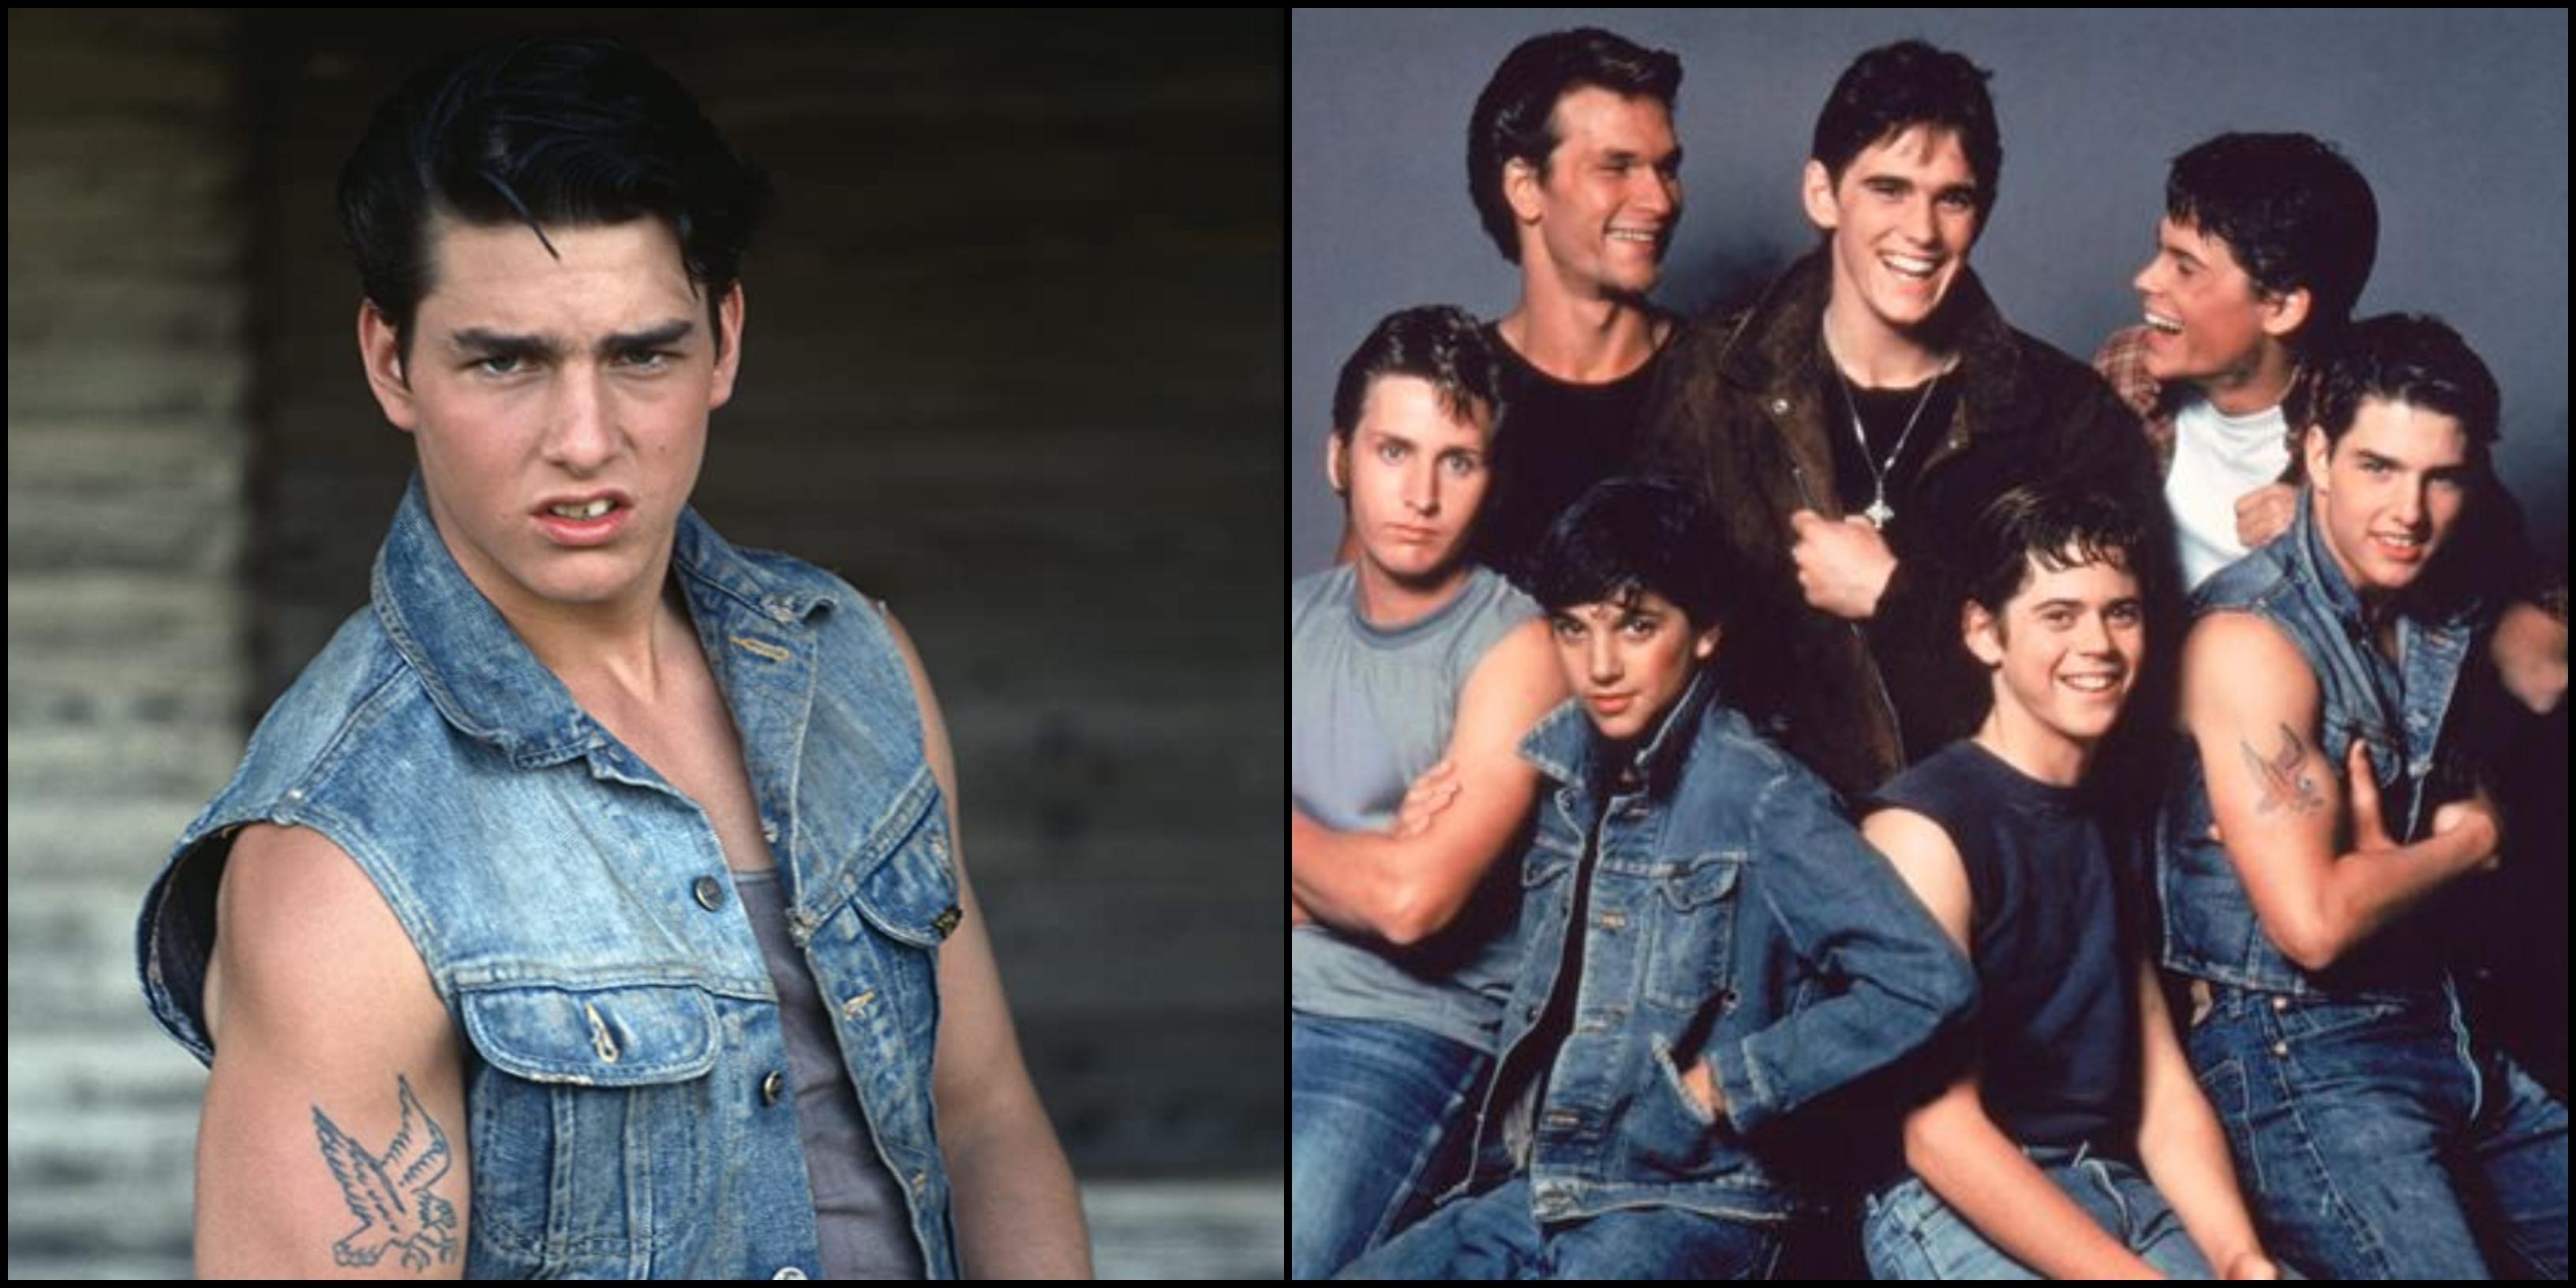 I ragazzi della 56ª strada, quella volta in cui Tom Cruise fu costretto a vomitare per fare una capriola